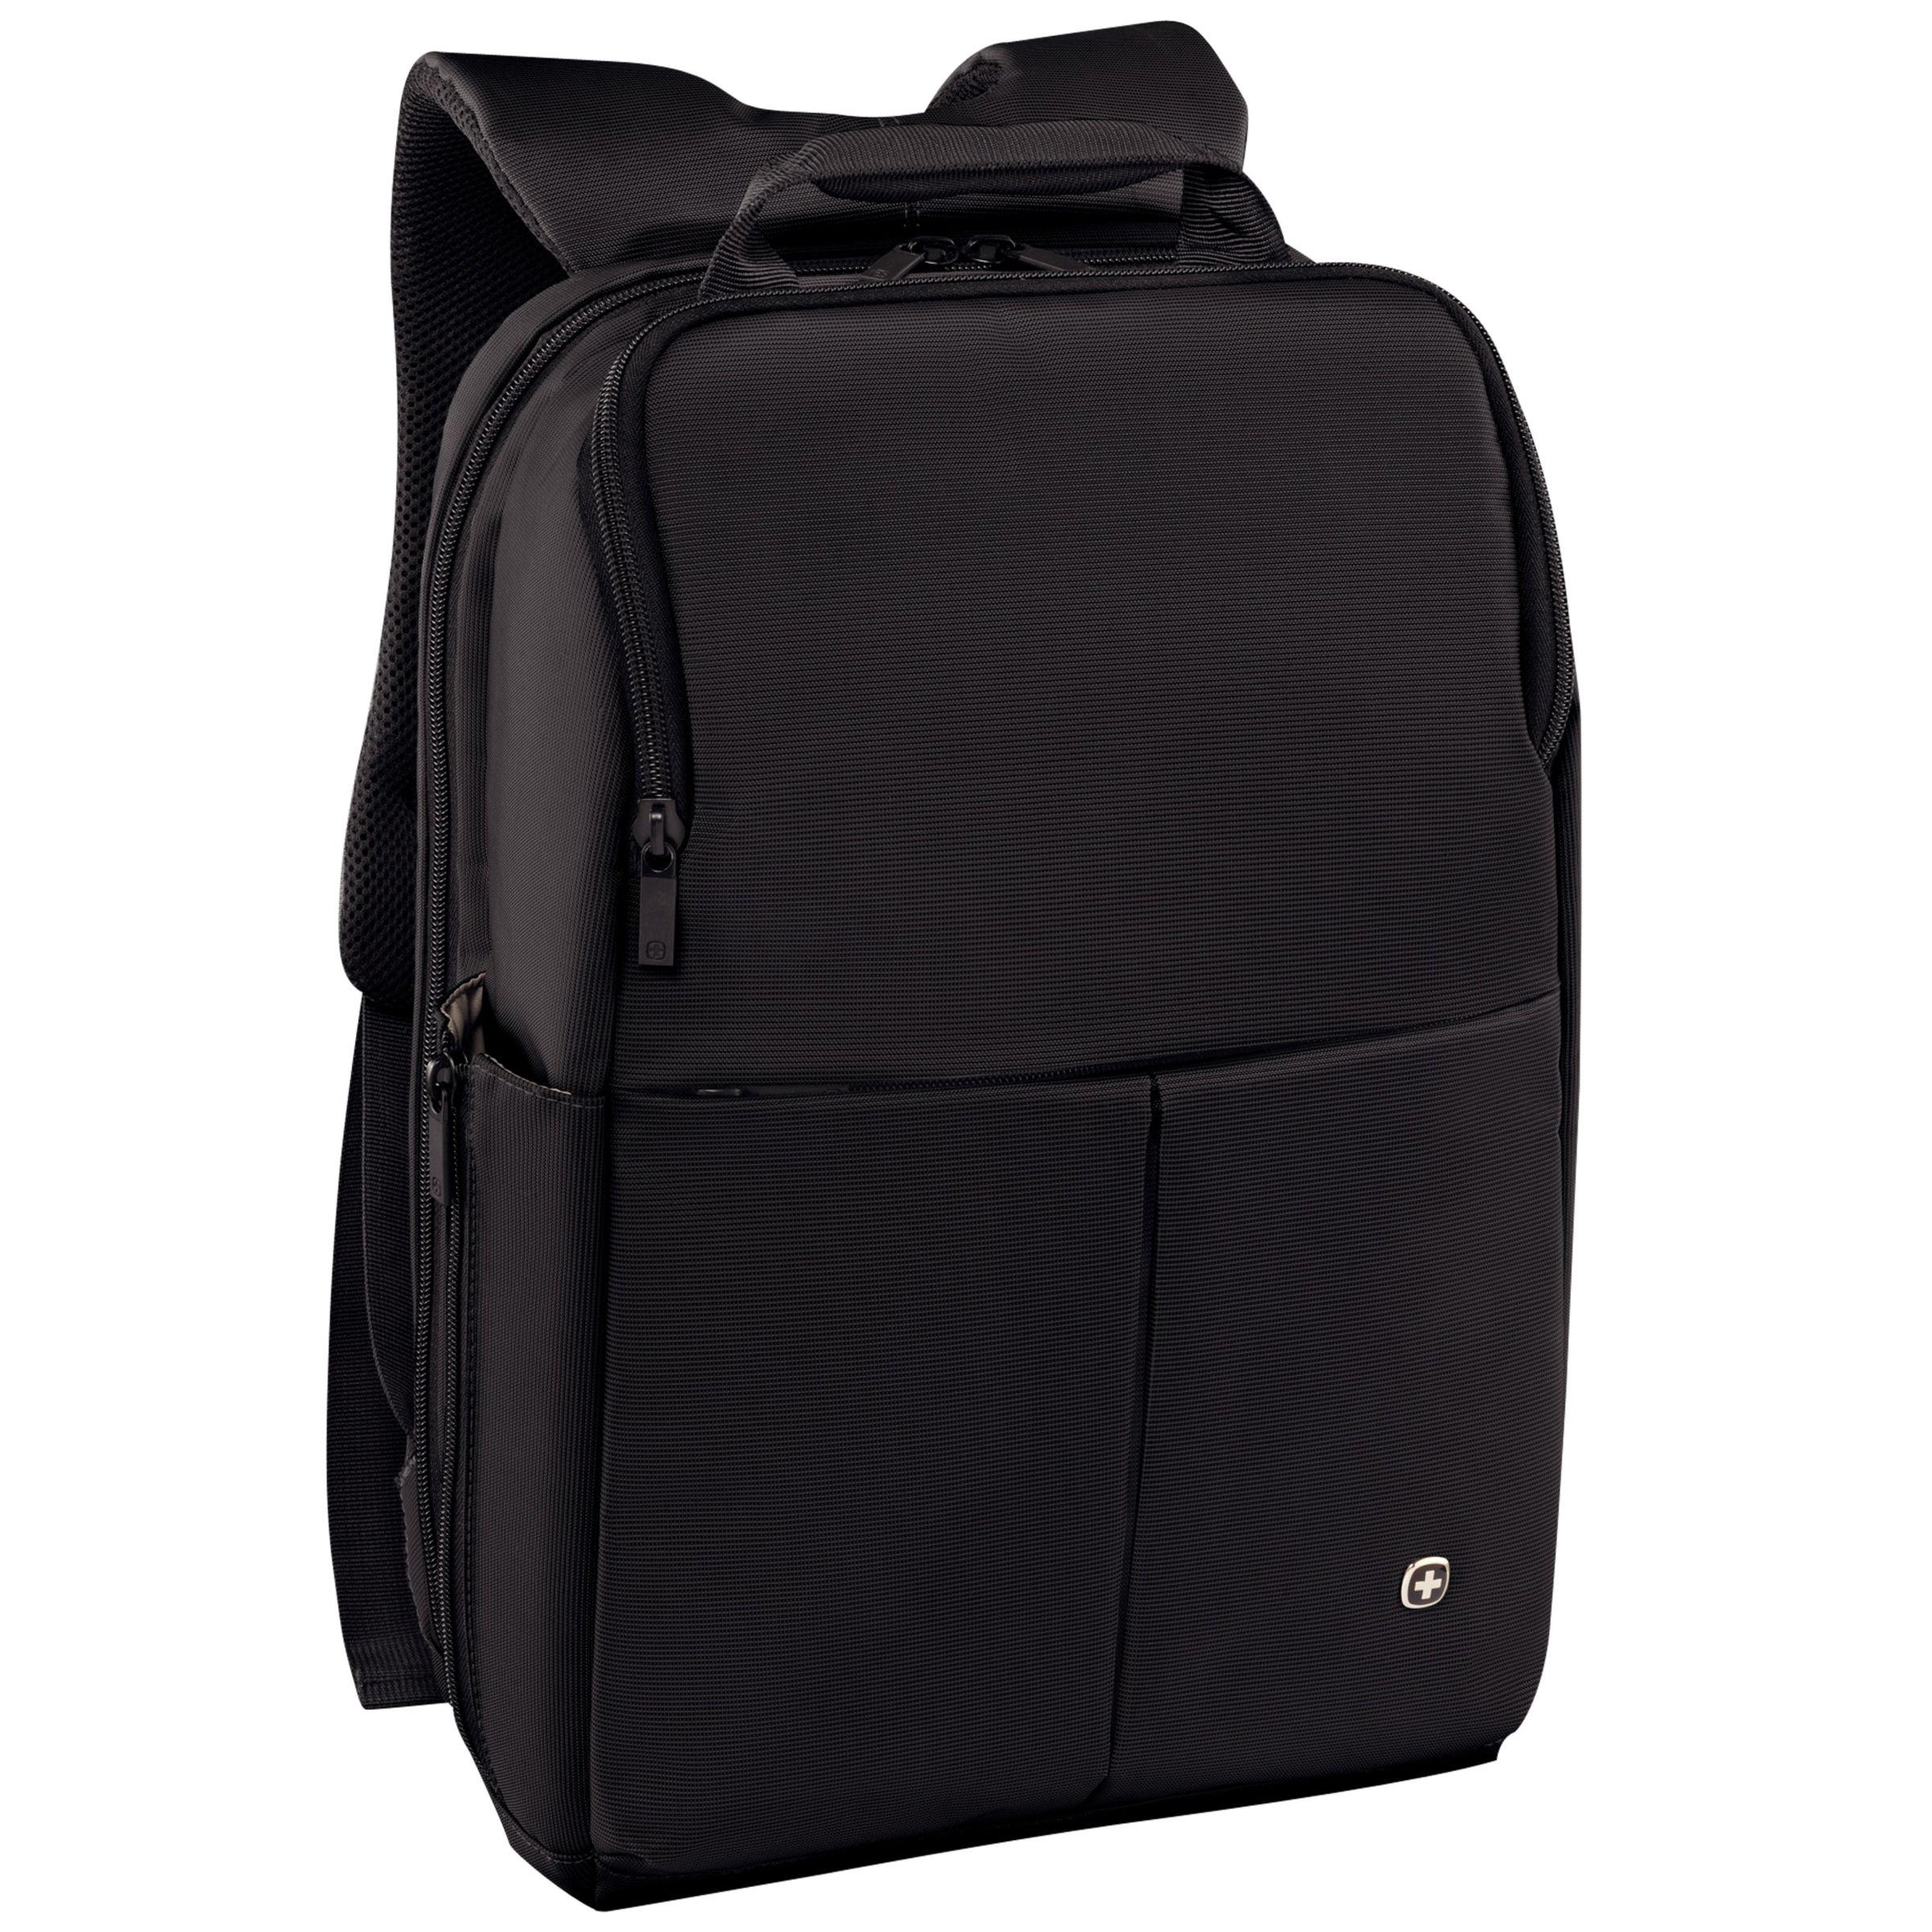 Wenger Wenger Reload 14 Laptop Backpack